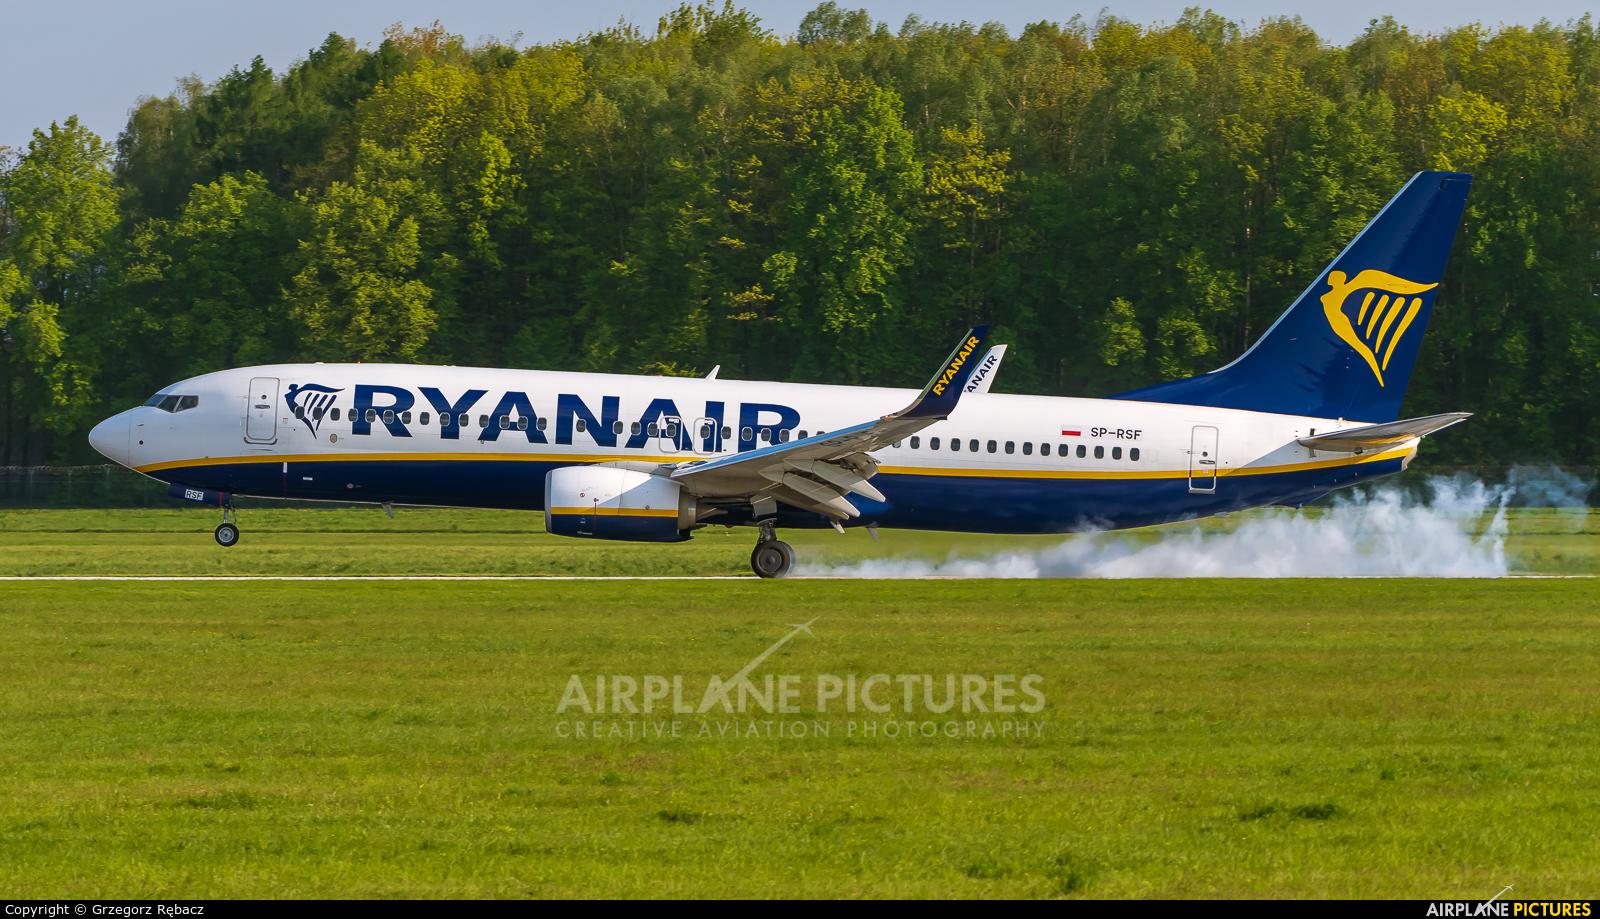 Ryanair SP-RSF aircraft at Kraków - John Paul II Intl